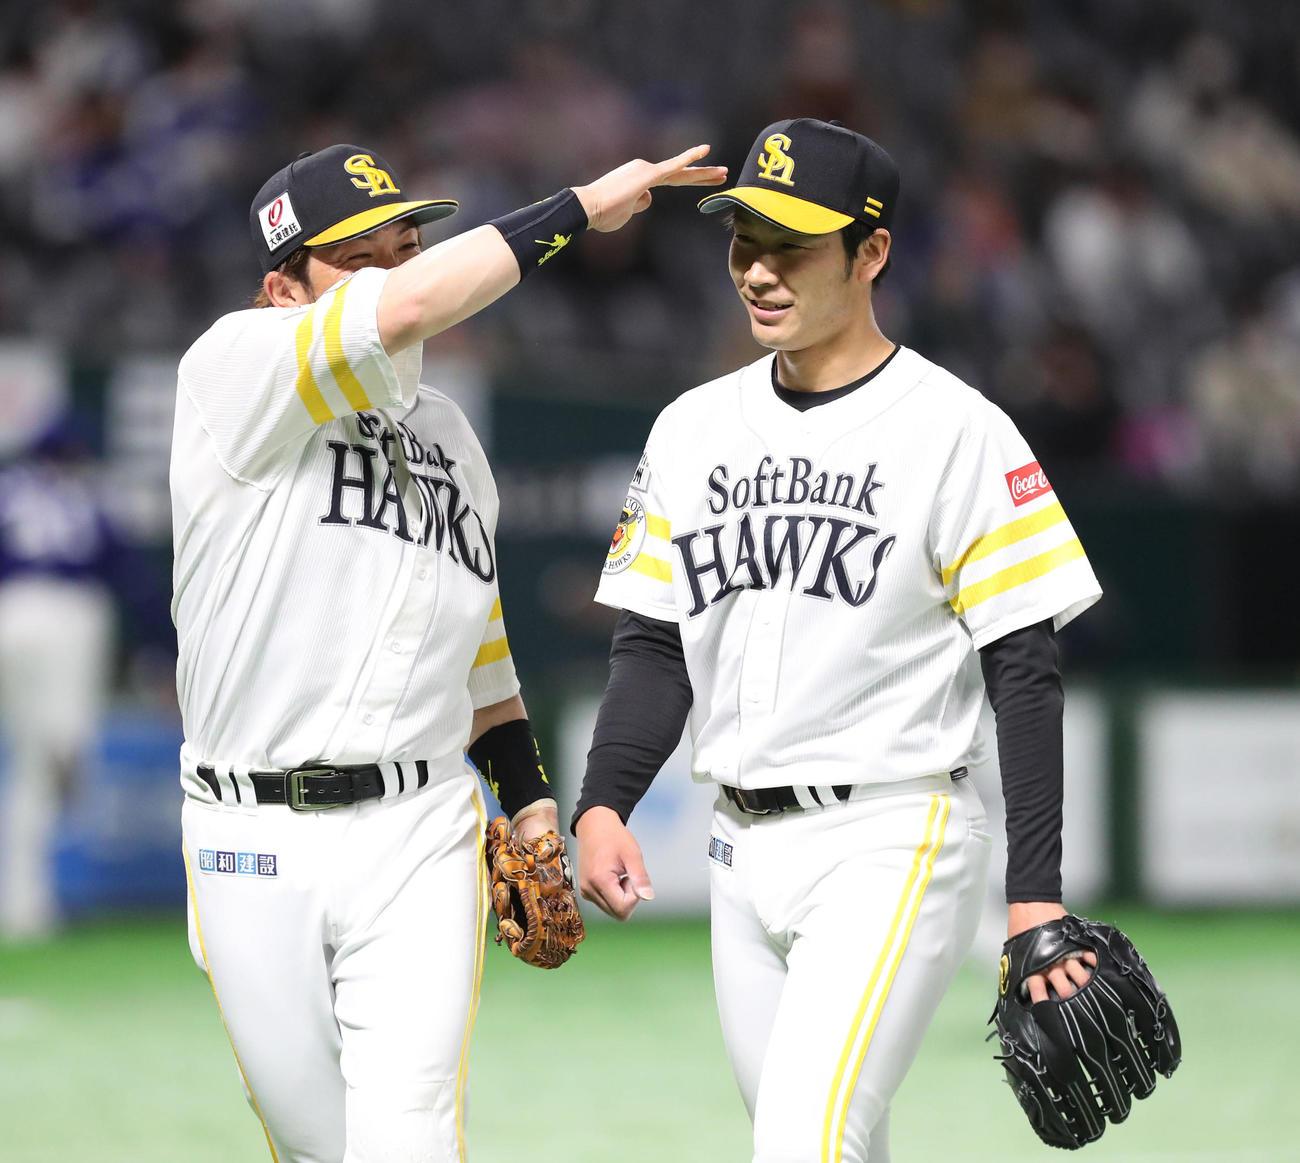 ソフトバンク対中日 先発した武田翔太は4回を投げ無失点と好投、松田宣浩に頭をなでられる(撮影・梅根麻紀)